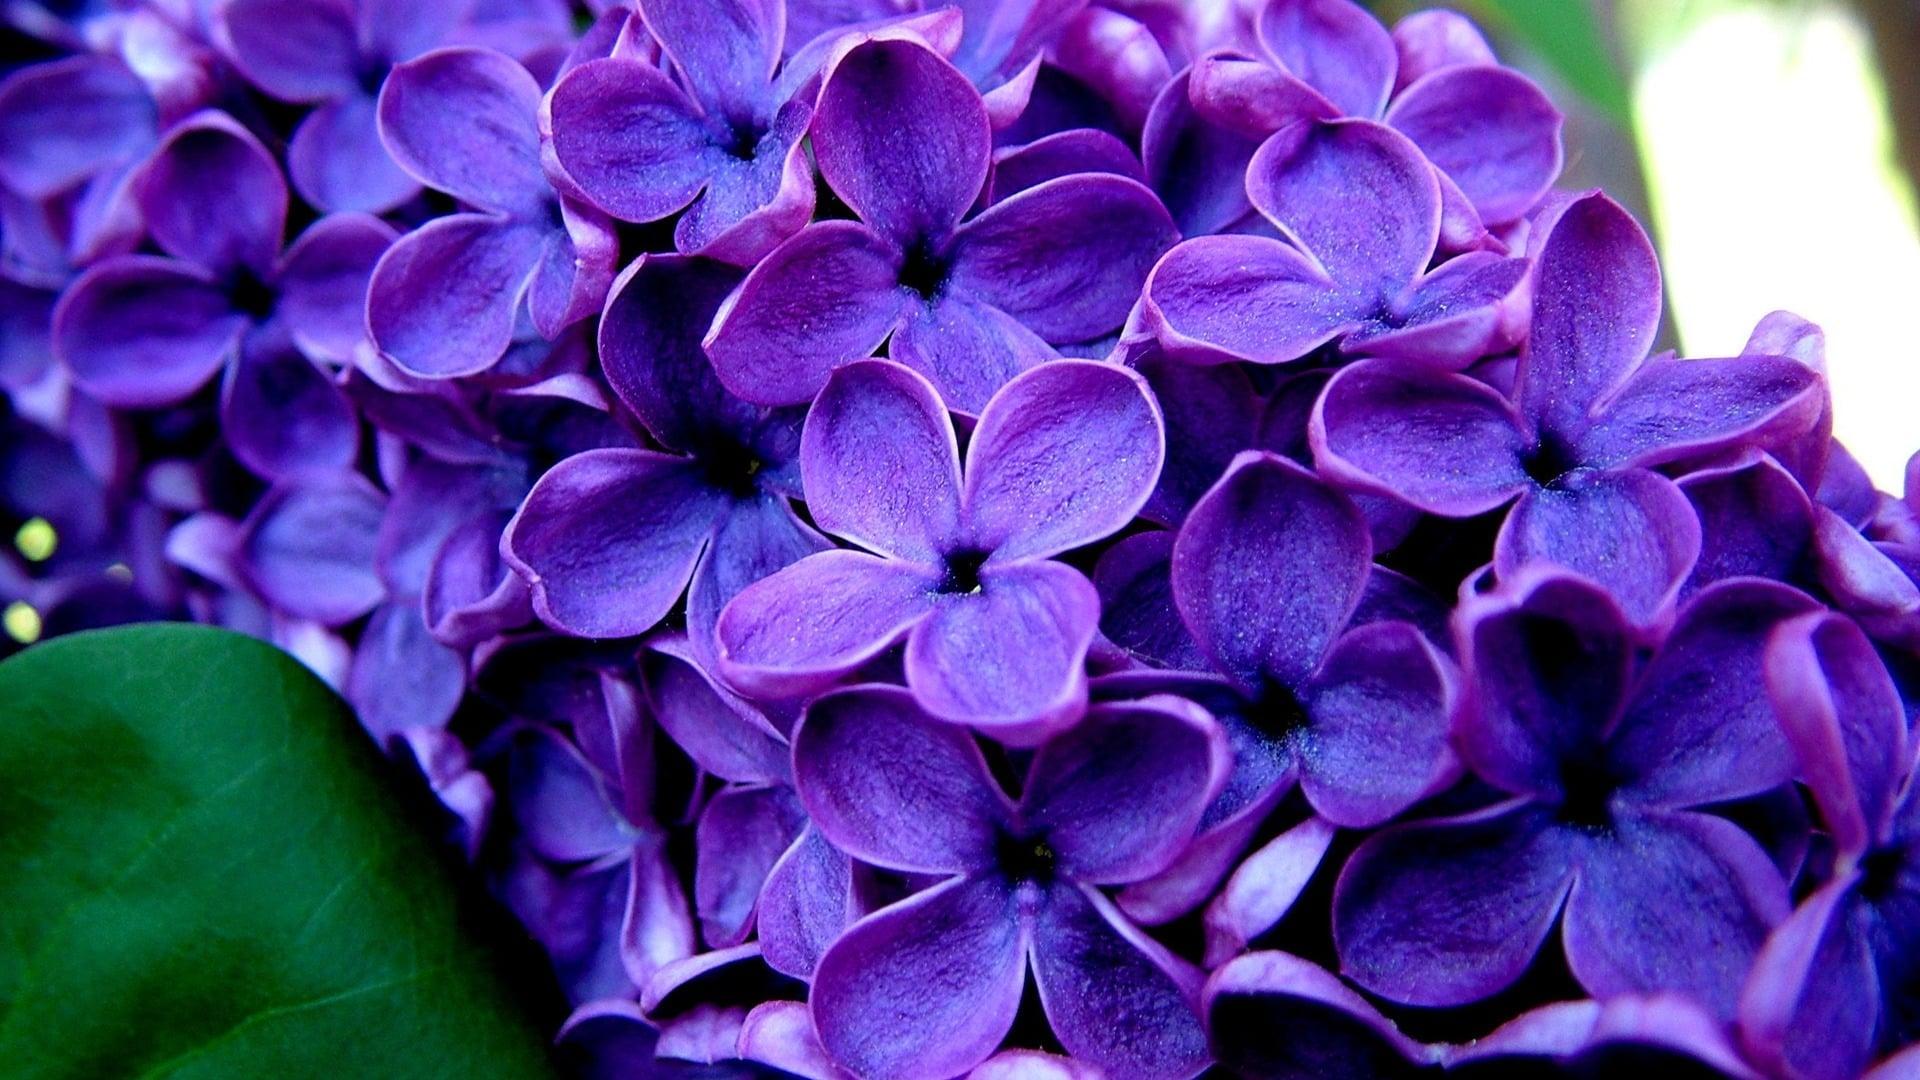 Mor çiçekler